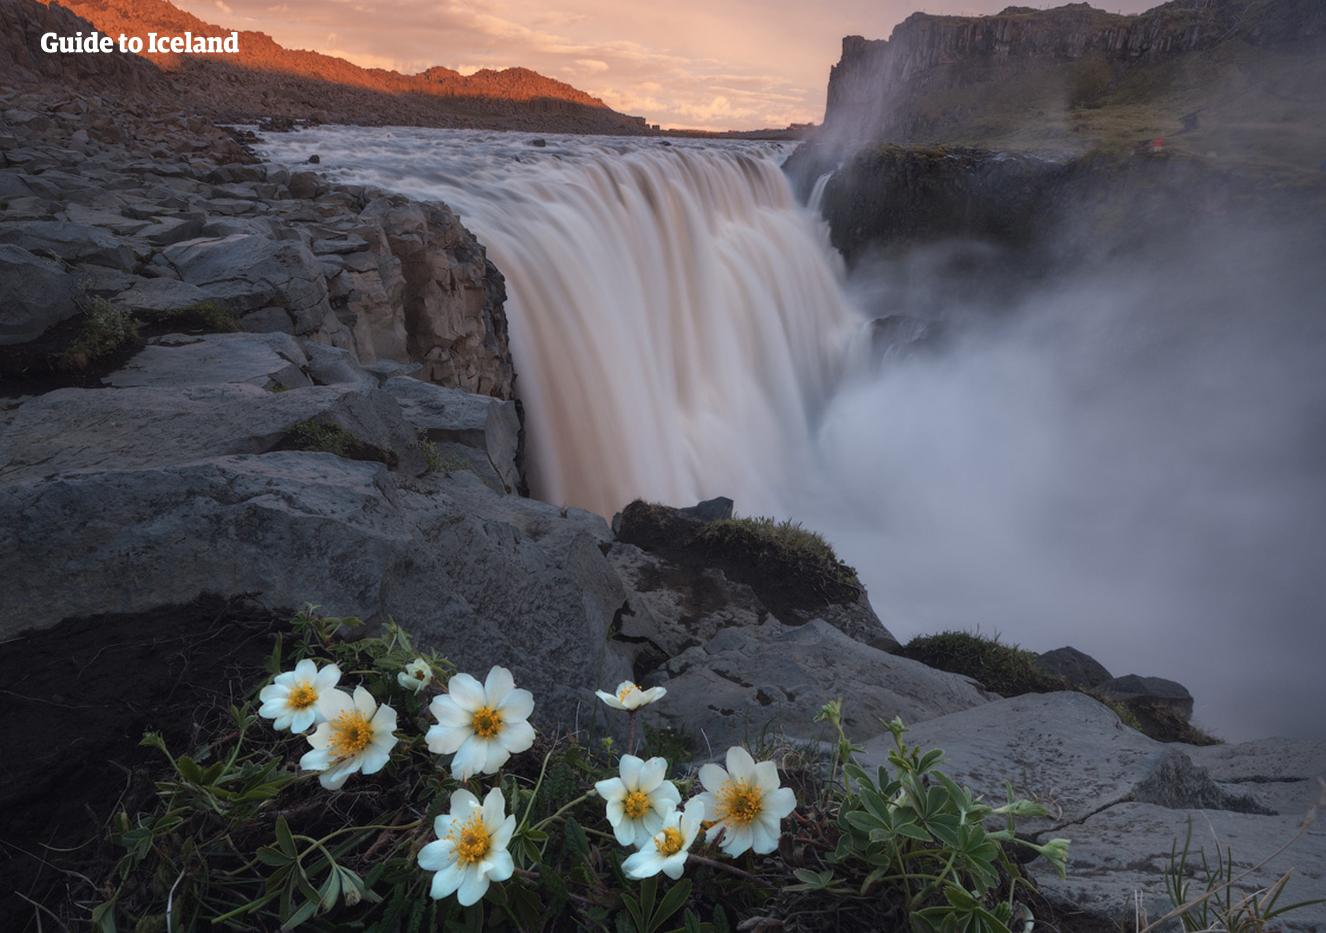 Las flores de verano florecen en el borde de Dettifoss, la cascada más poderosa de Europa.